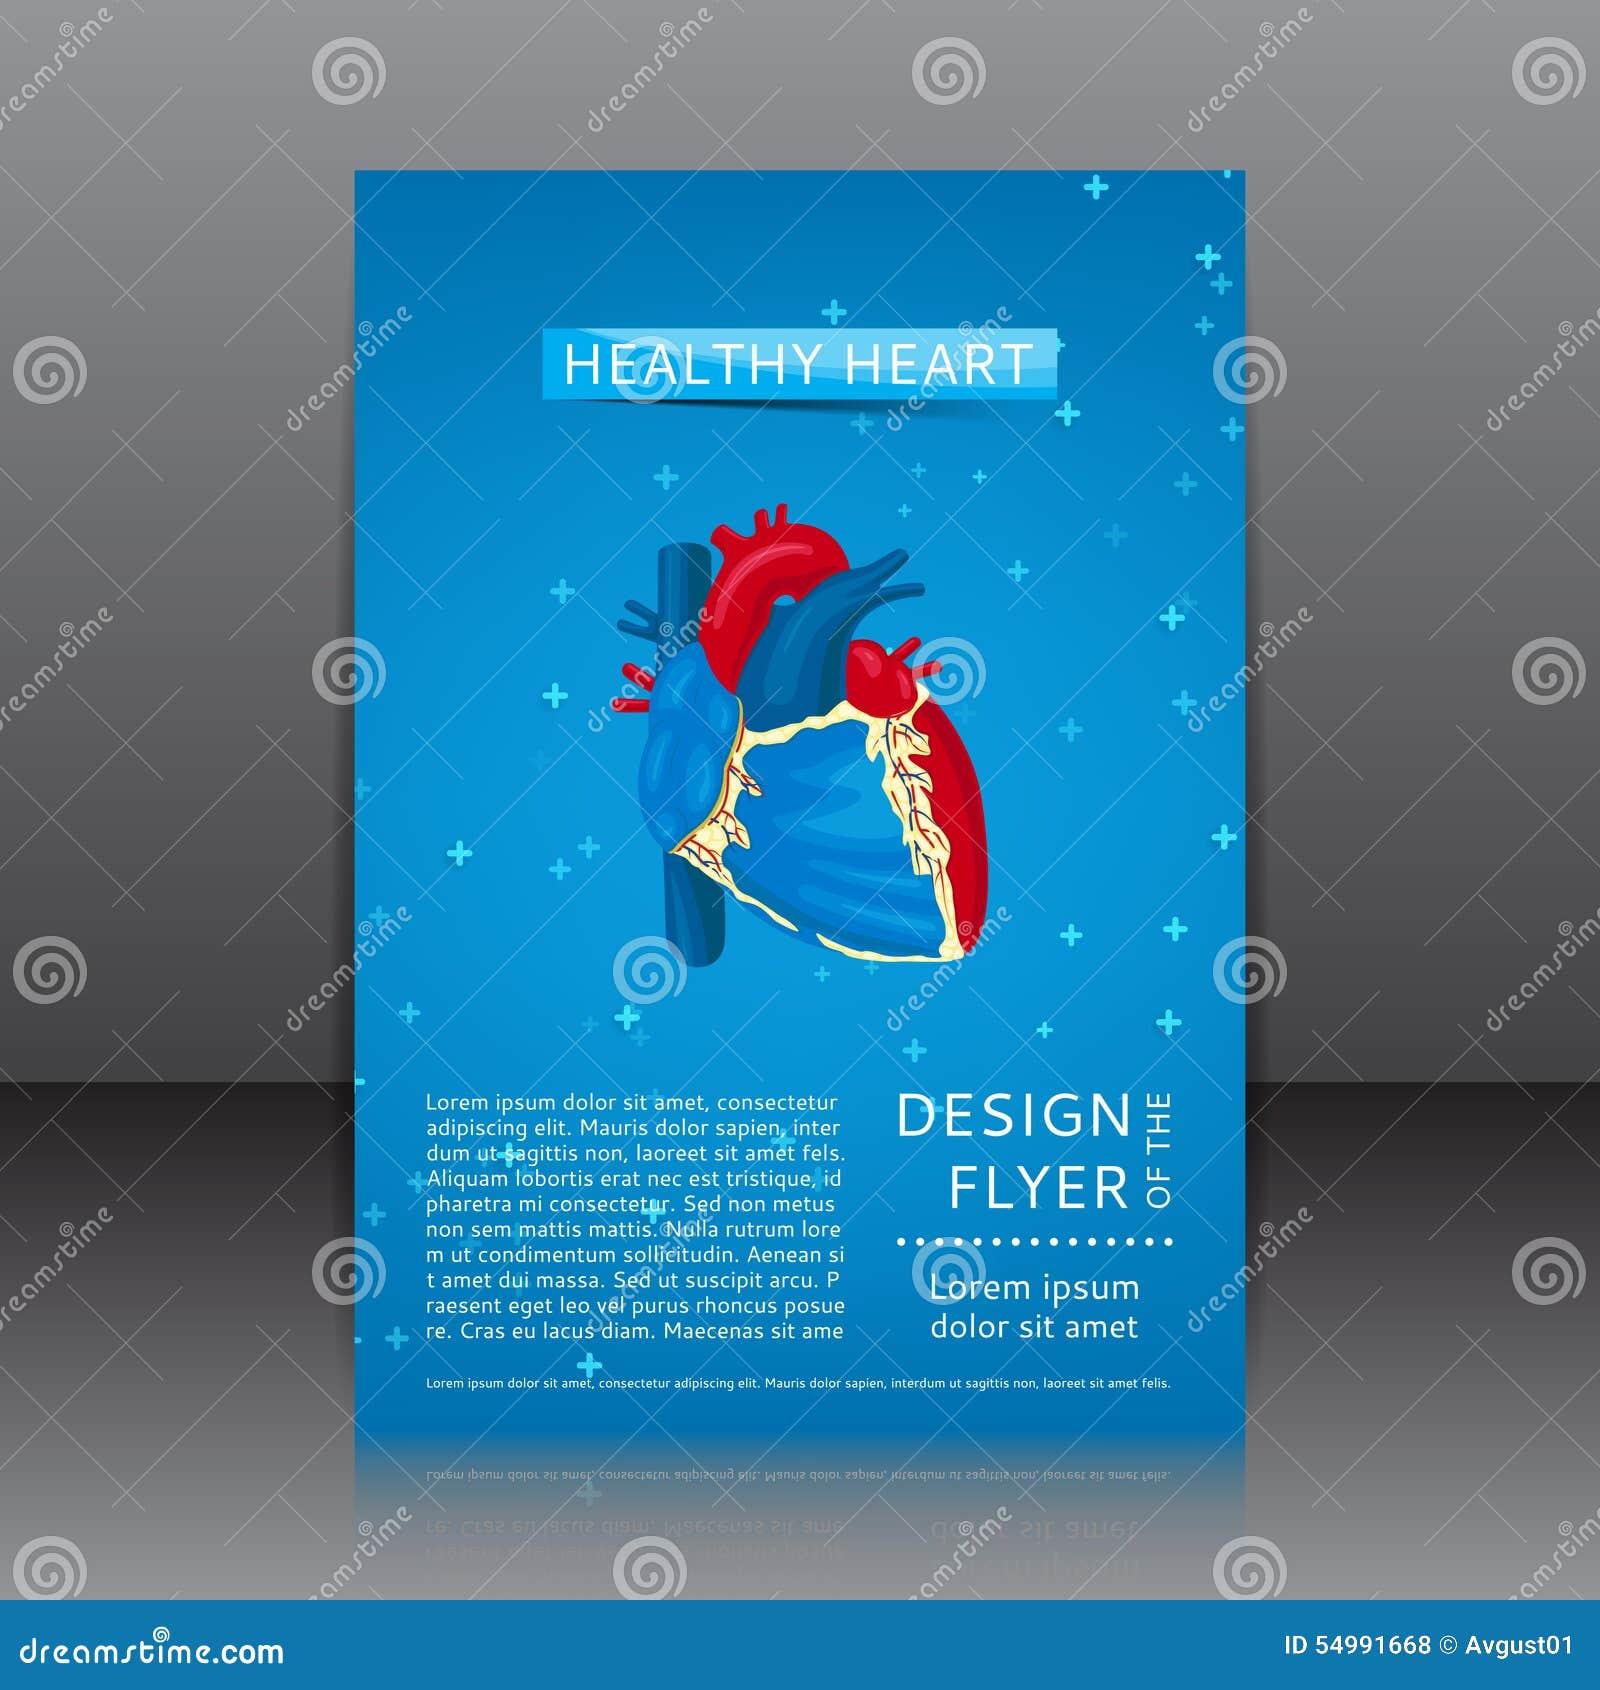 Design av reklambladet med sund hjärta